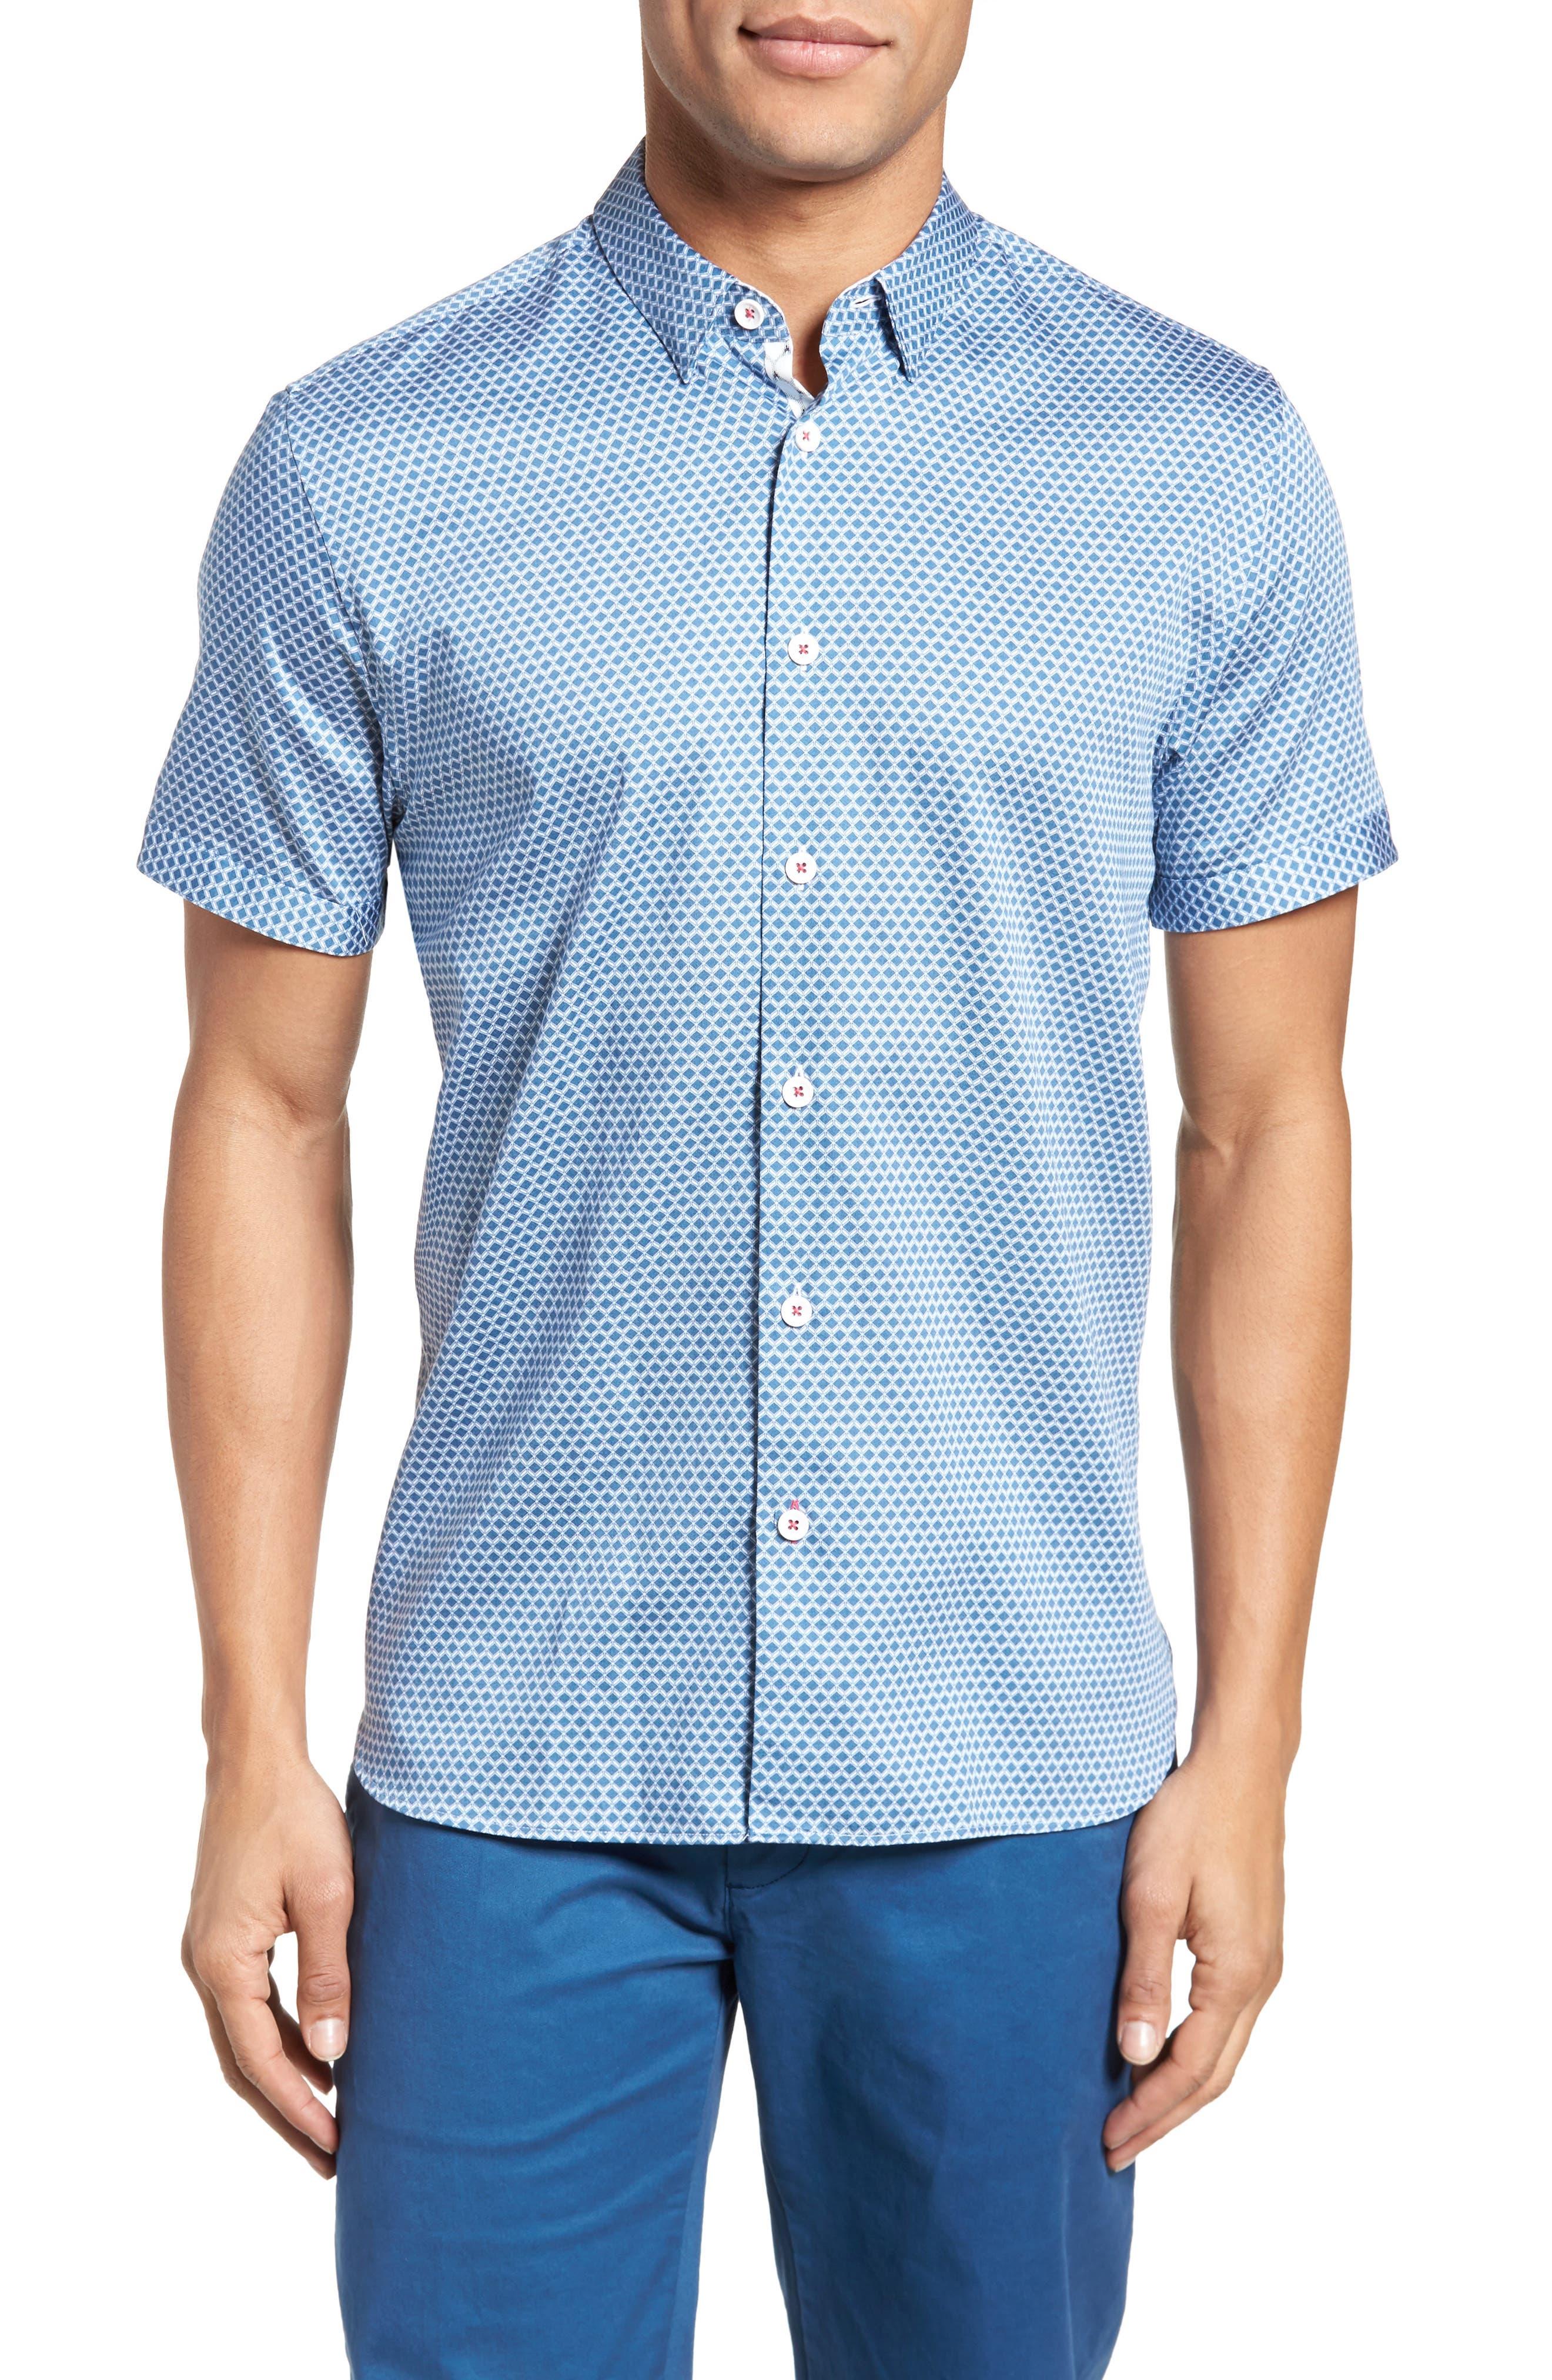 Gudvutt Short Sleeve Sport Shirt,                             Main thumbnail 1, color,                             400